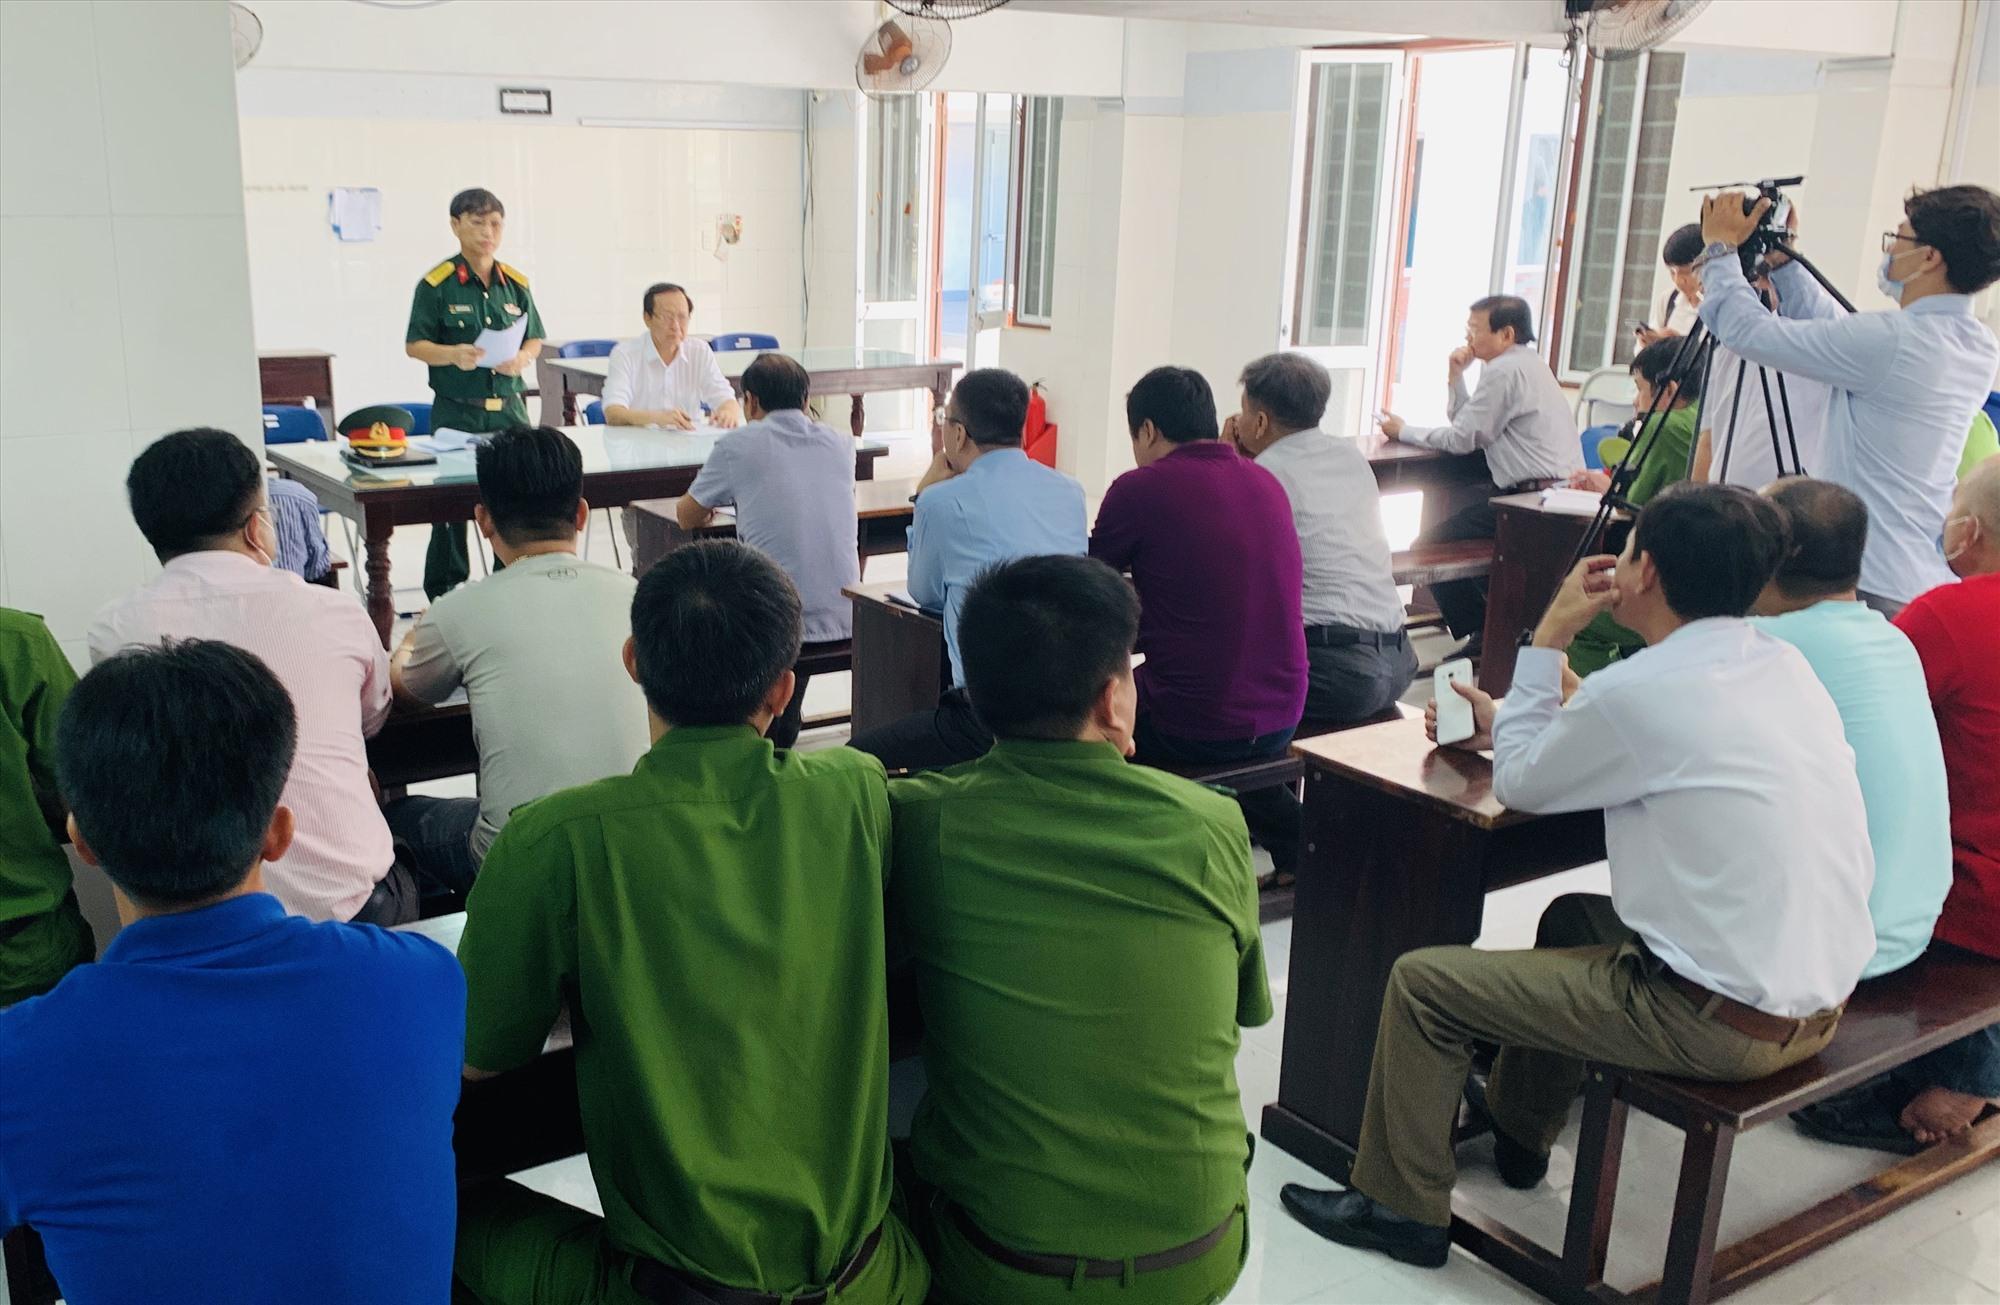 Đại tá Nguyễn Hữu Nghĩa - Phó Chỉ huy trưởng Bộ Chỉ huy Quân sự tỉnh cho biết, công dân cách ly tại Trường Trung cấp cảnh sát nhân dân V sẽ được phục vụ tốt nhất, an toàn nhất. Ảnh: PHAN VINH